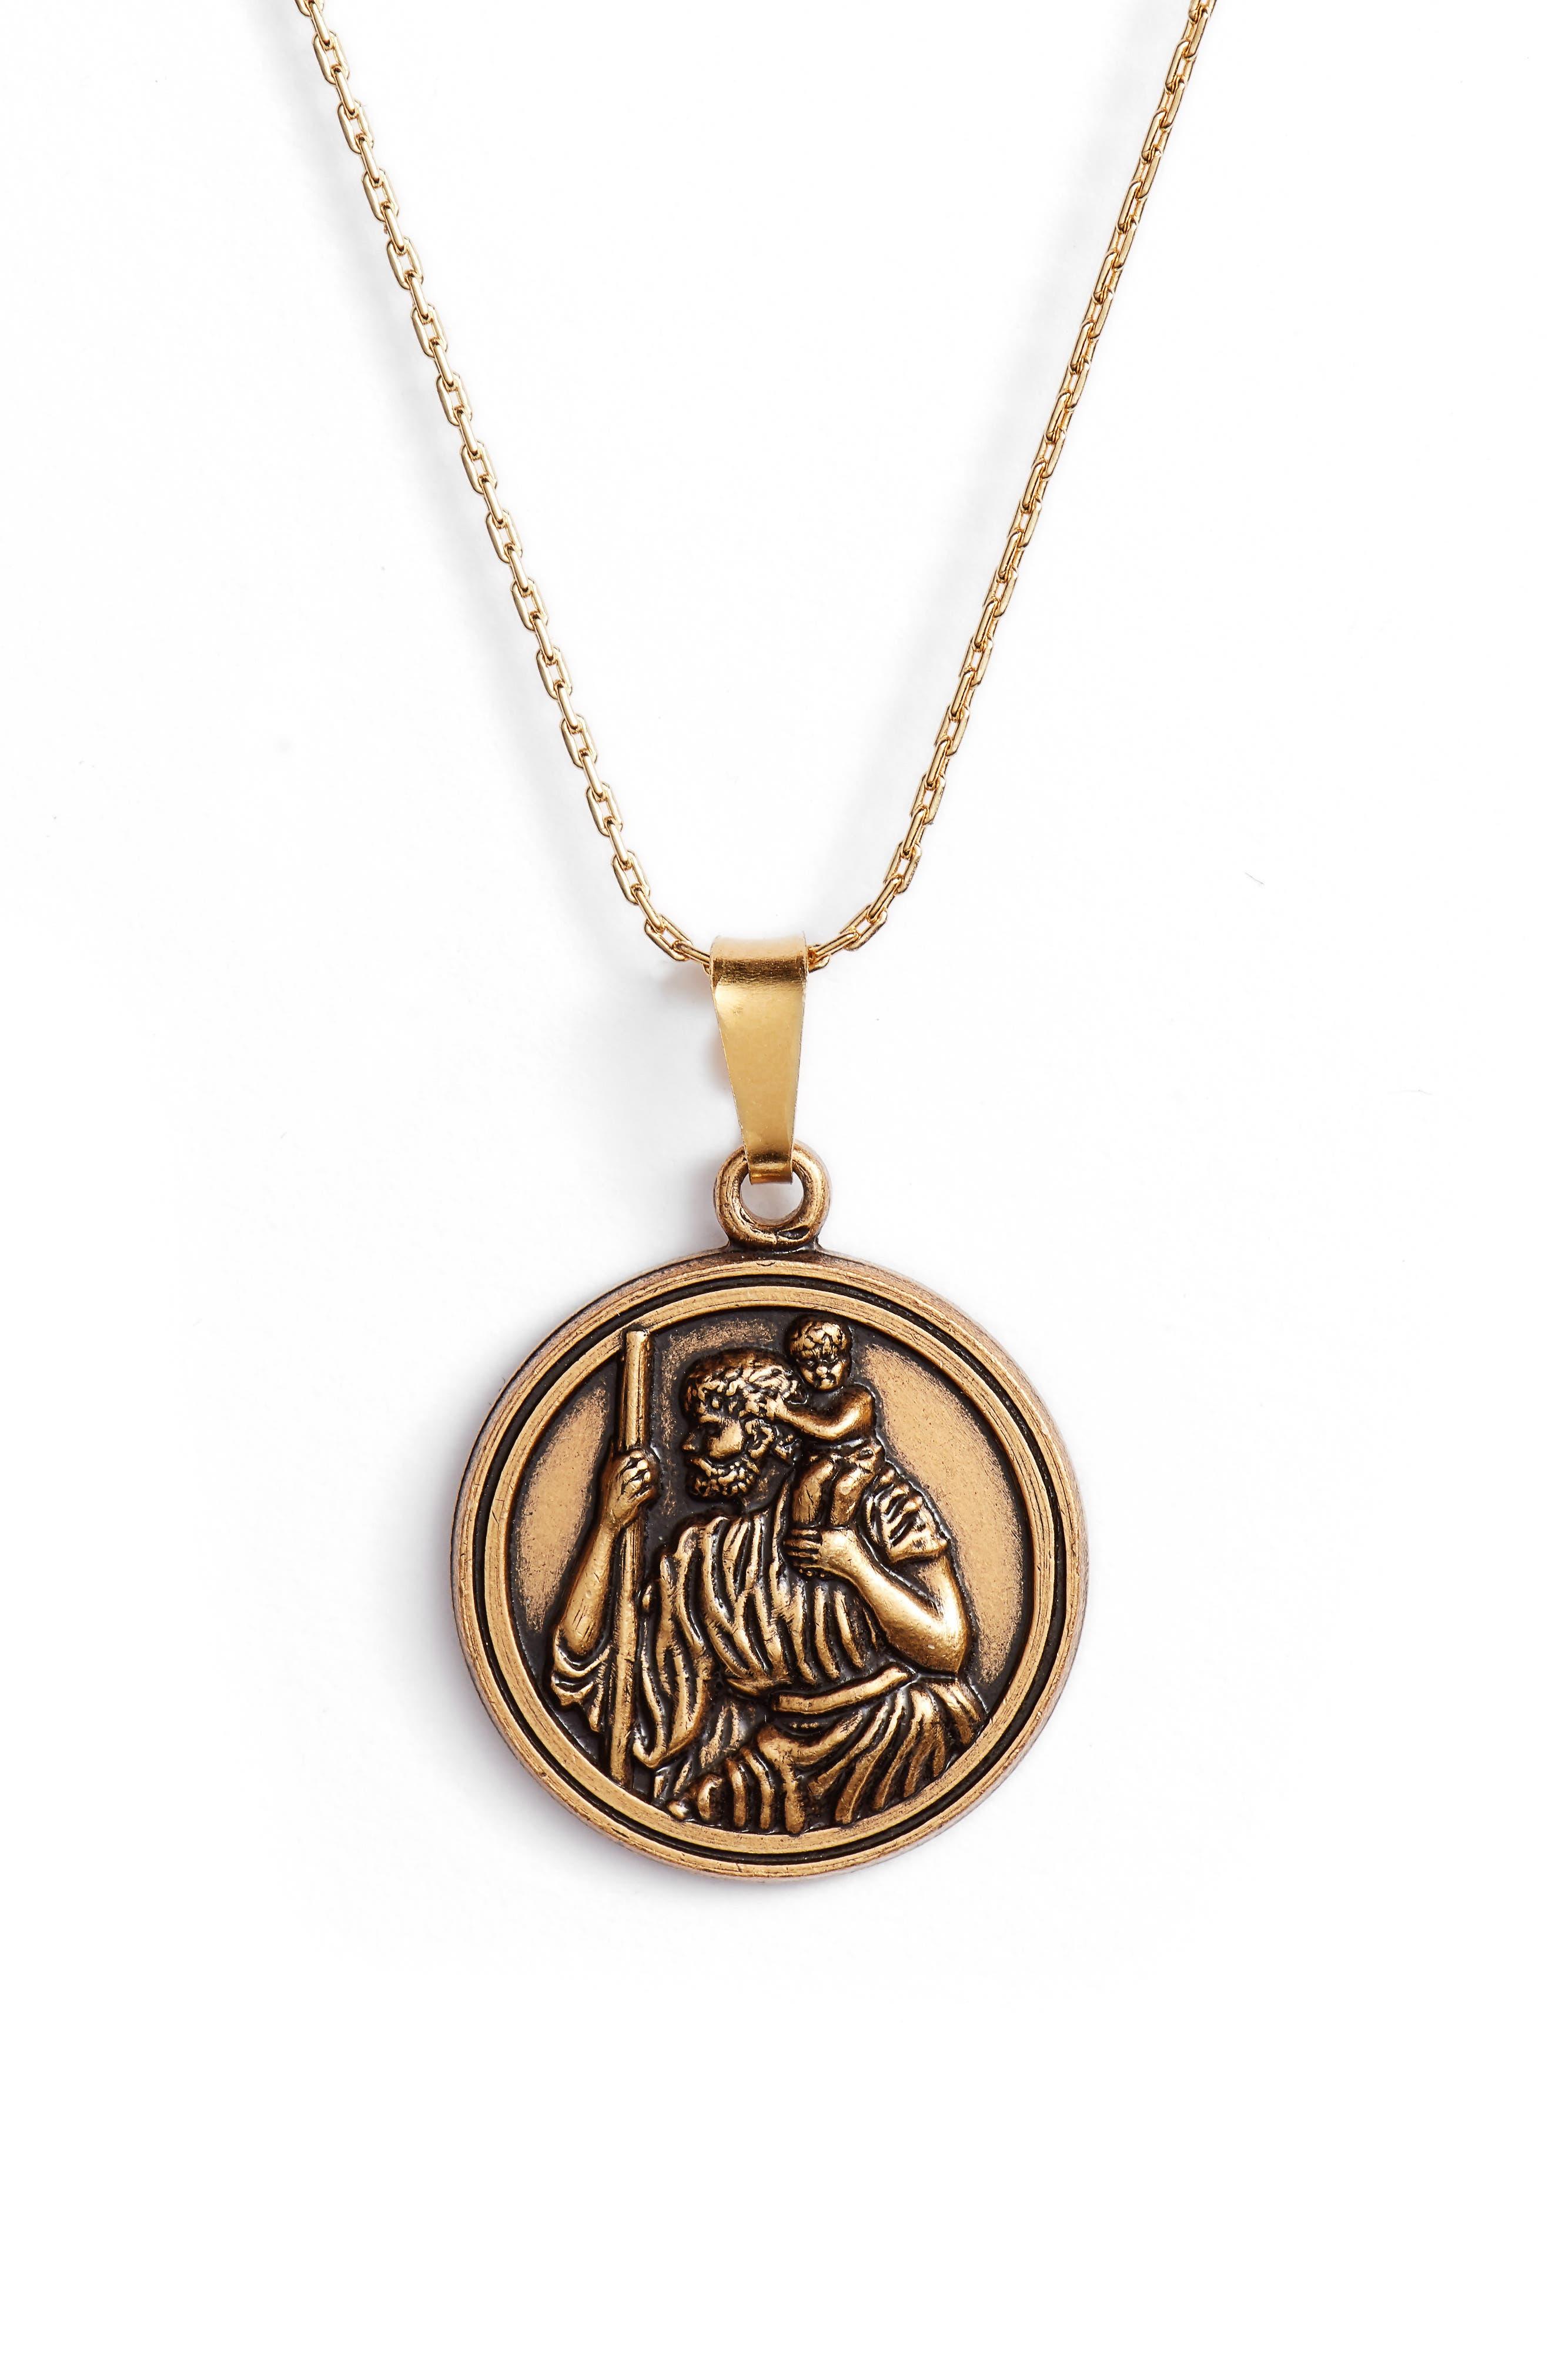 Saint Christopher Pendant Necklace,                         Main,                         color, Gold